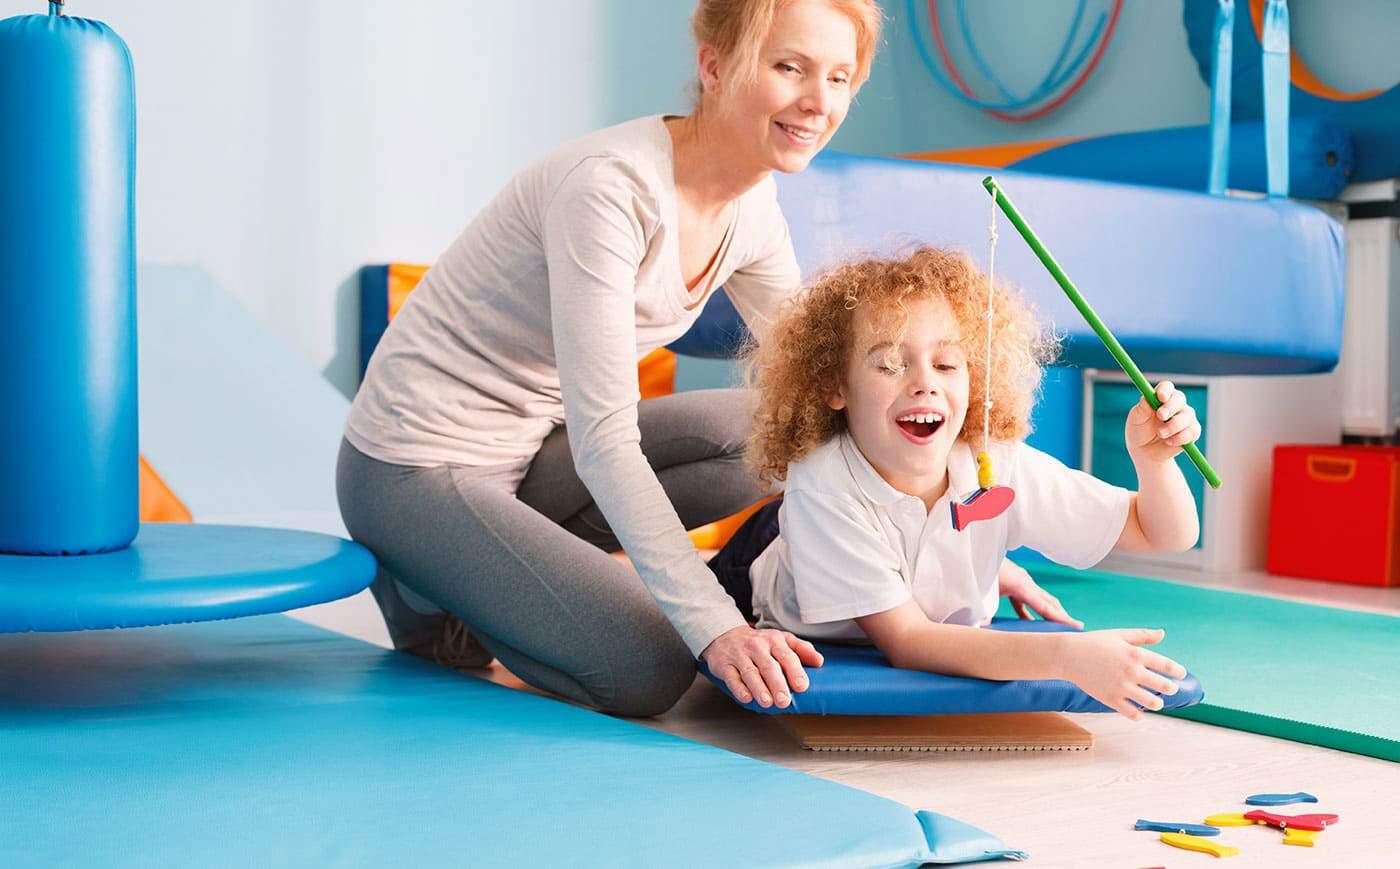 παιδική αγωγή και θεραπεία